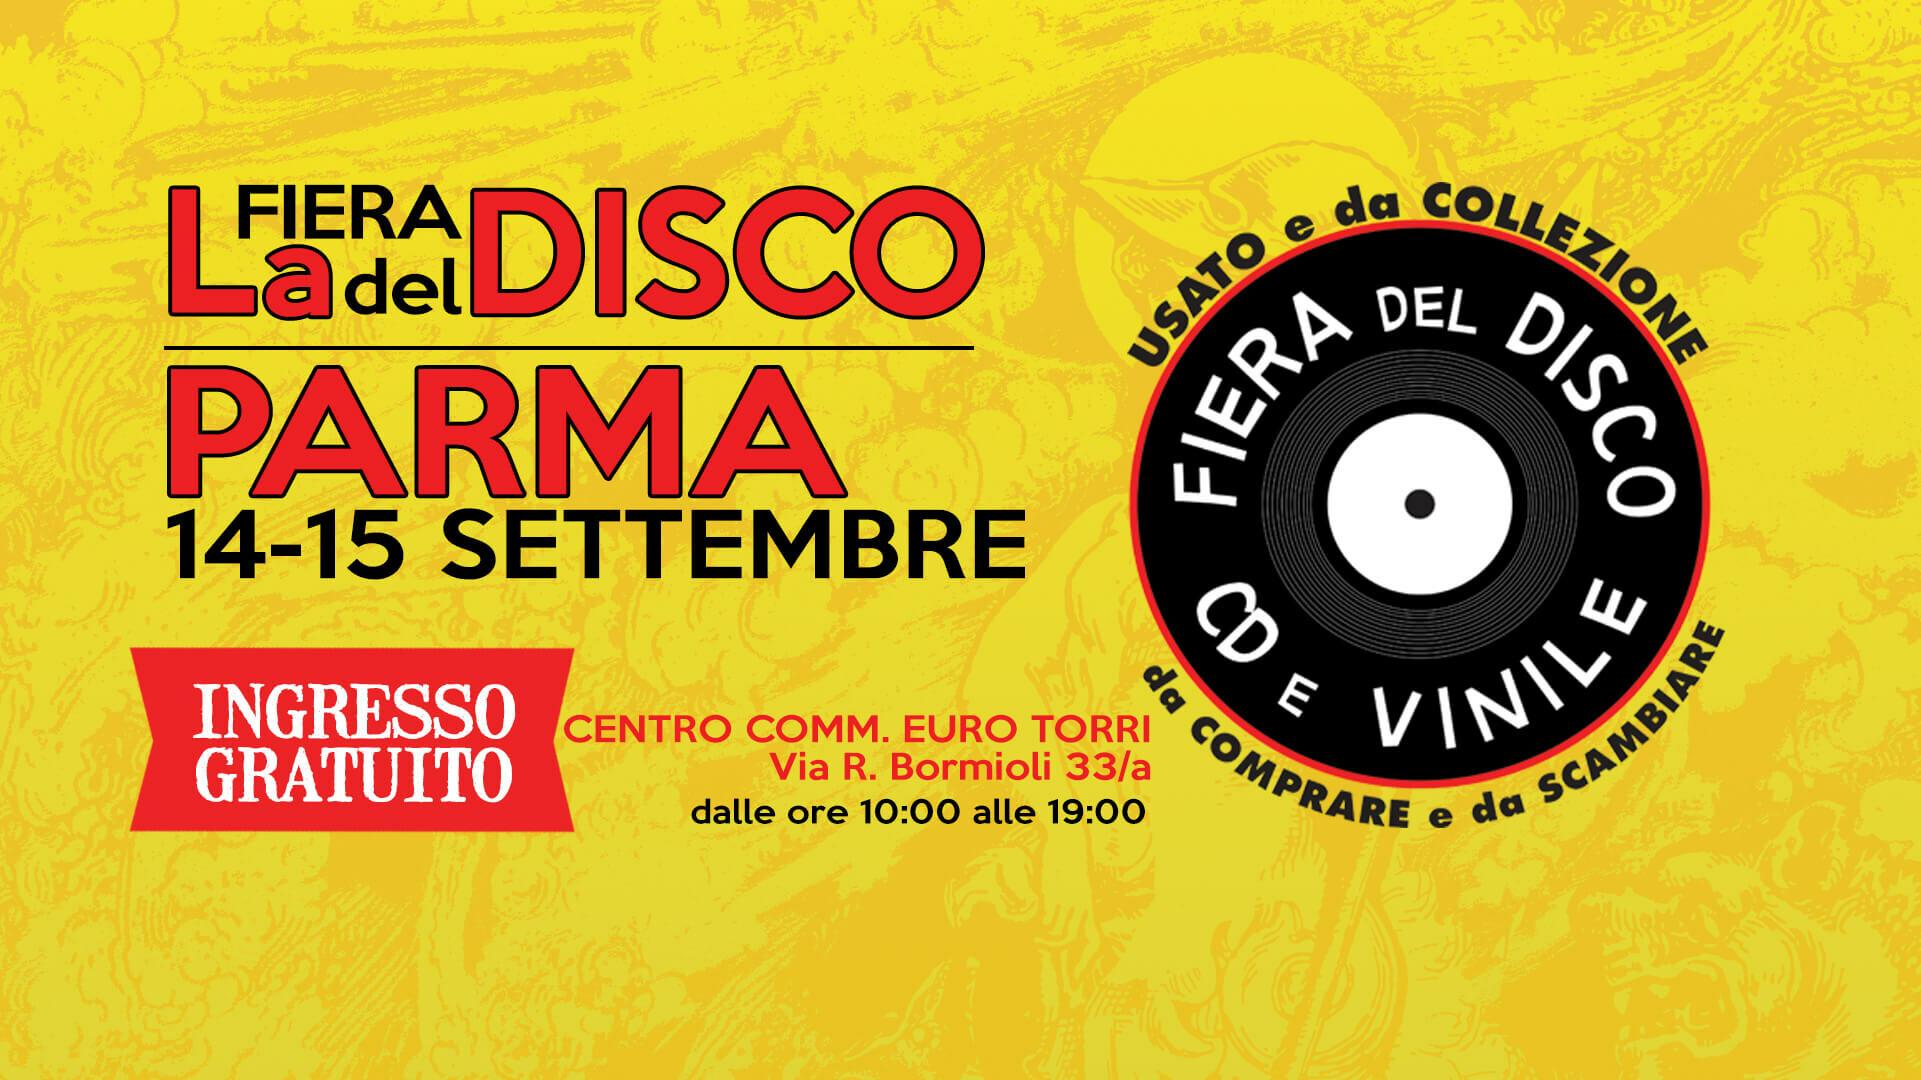 Fiera del disco a Parma